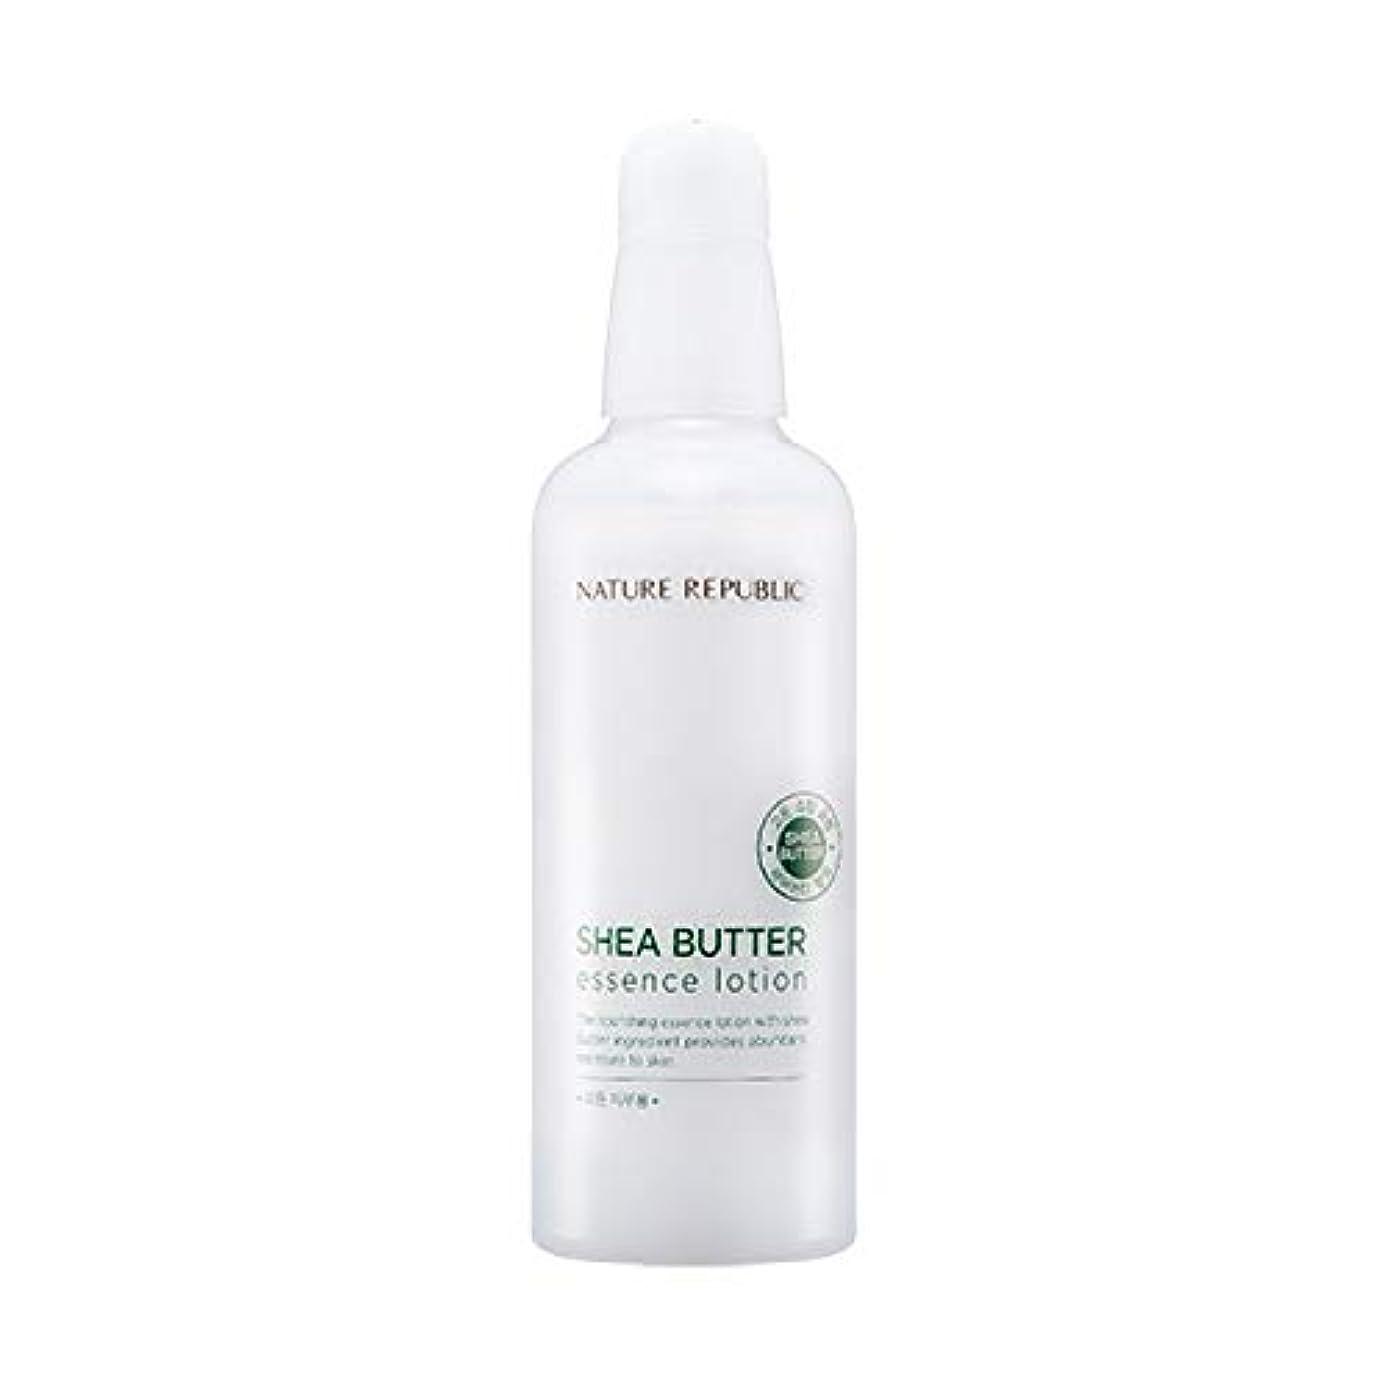 赤字ガードハードウェアネイチャーリパブリック(Nature Republic)シェアバターエッセンスローション 120ml / Shea Butter Essence Lotion 120ml :: 韓国コスメ [並行輸入品]